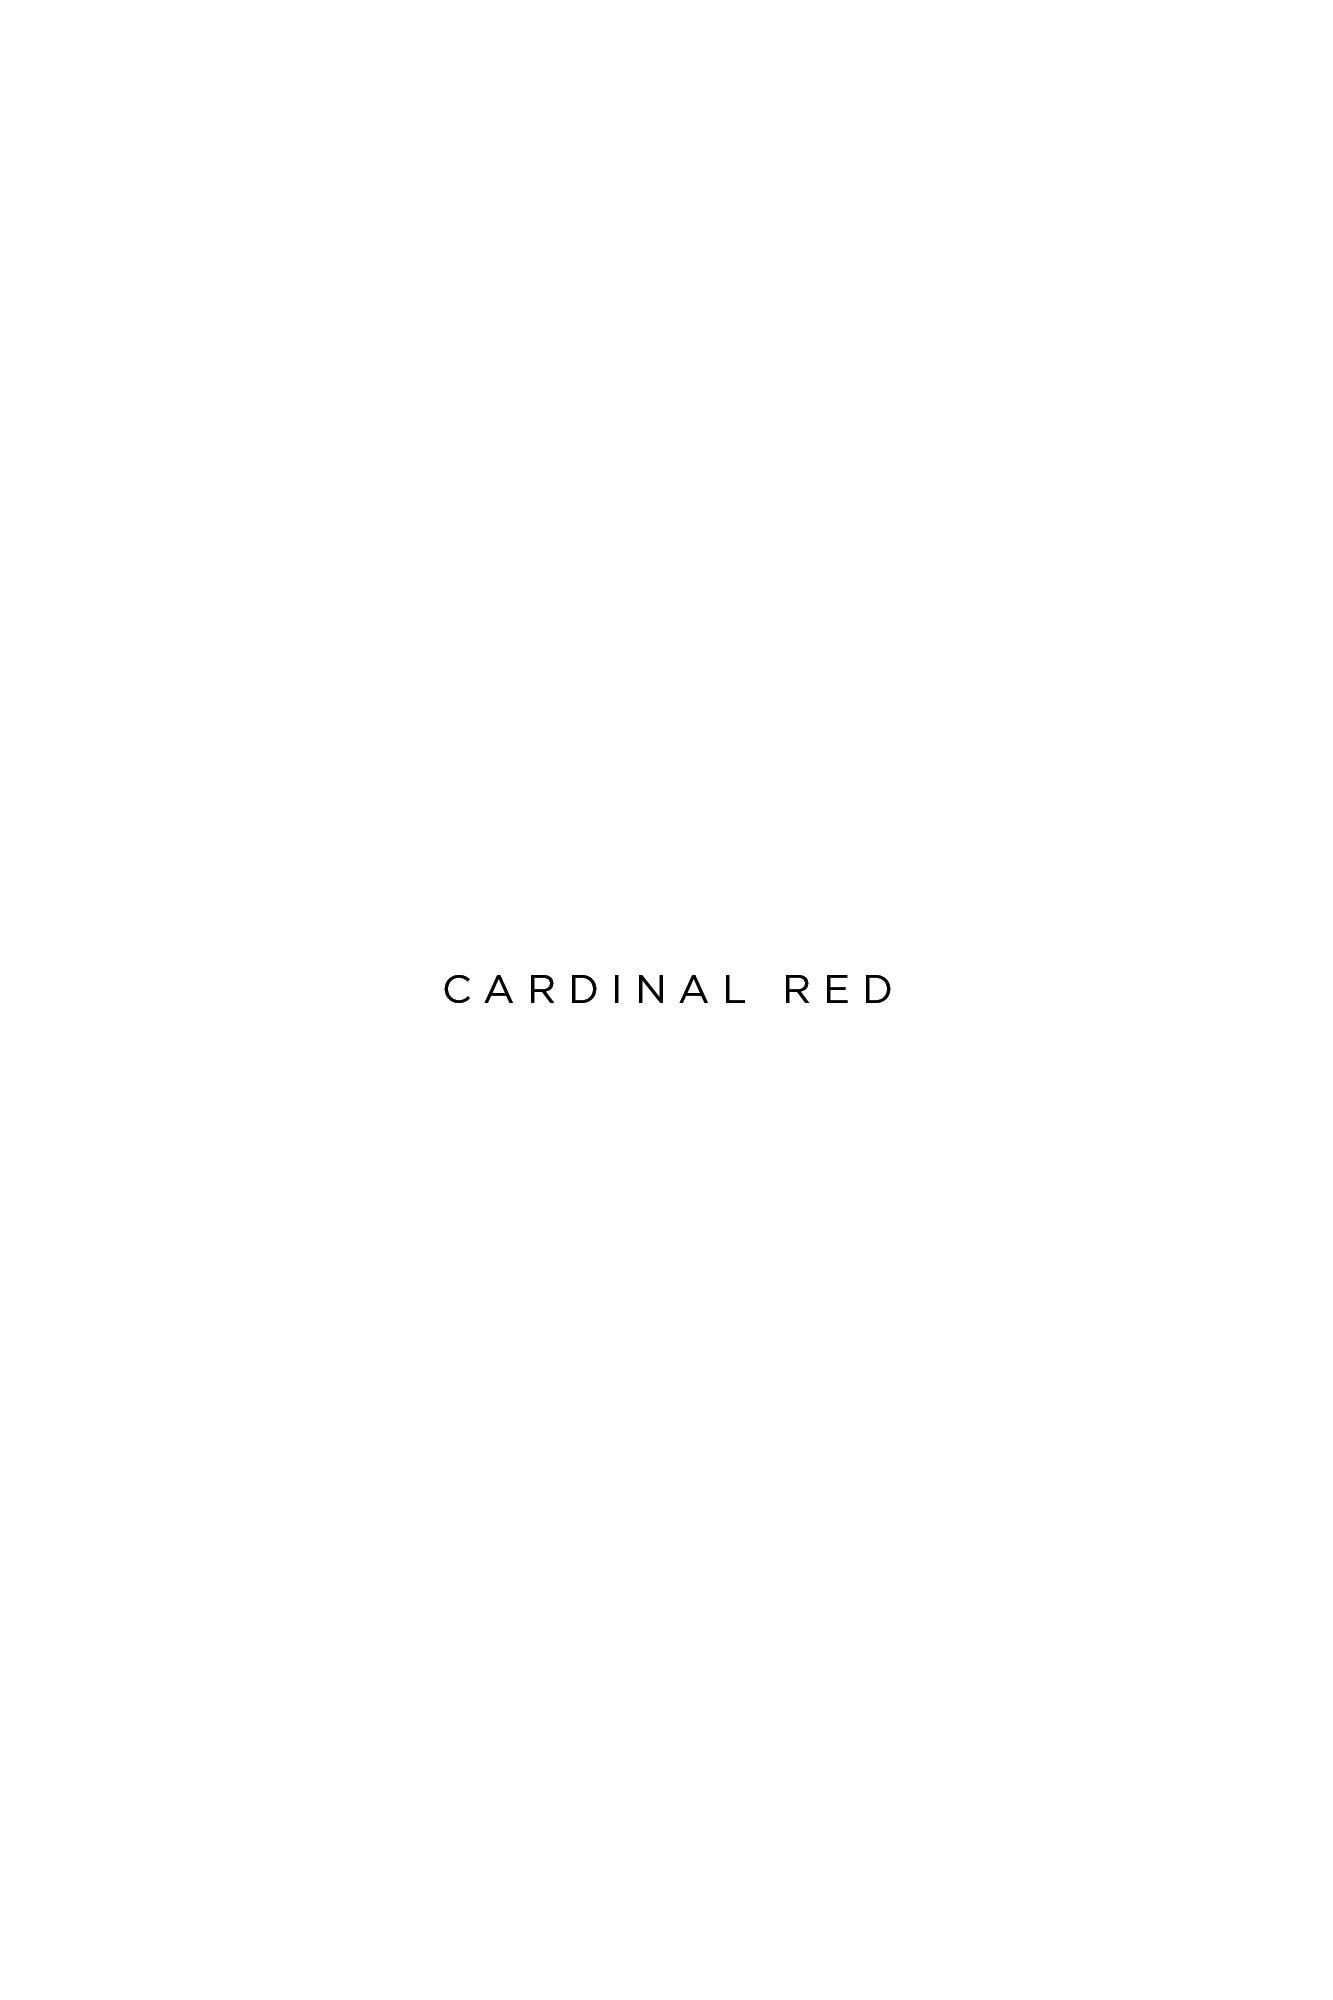 Cardinal red 2